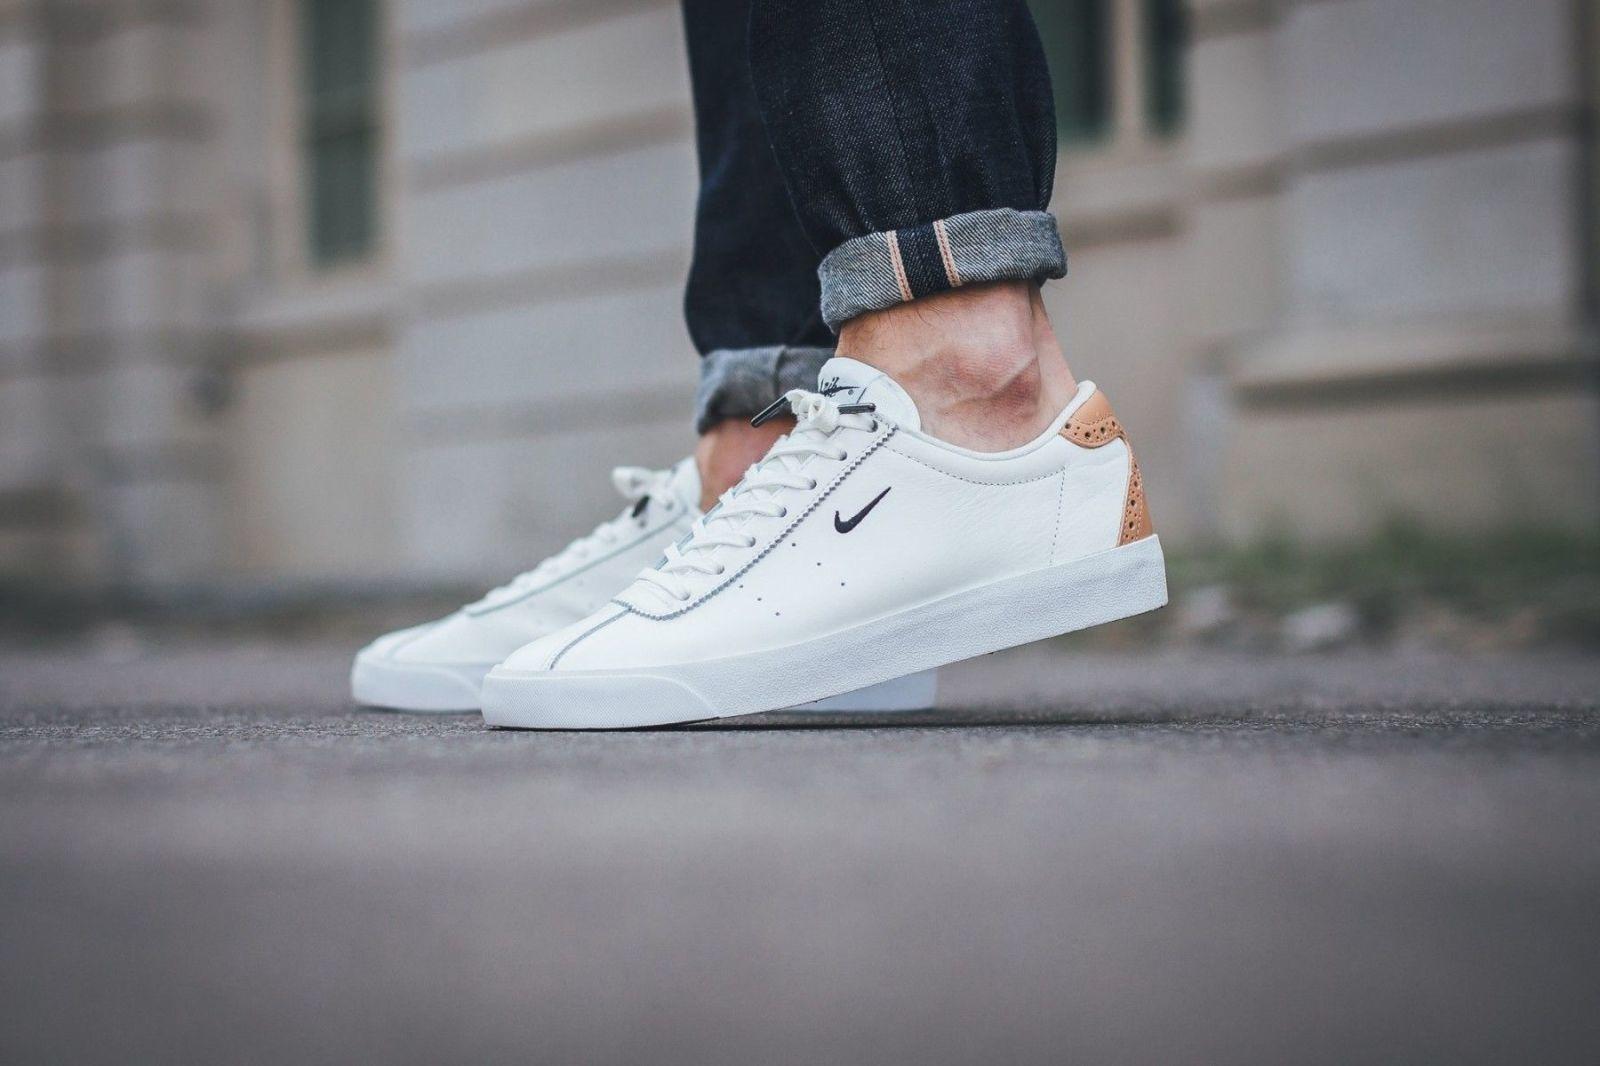 Zo houd je jouw witte sneakers ook écht wit | Dingen om te